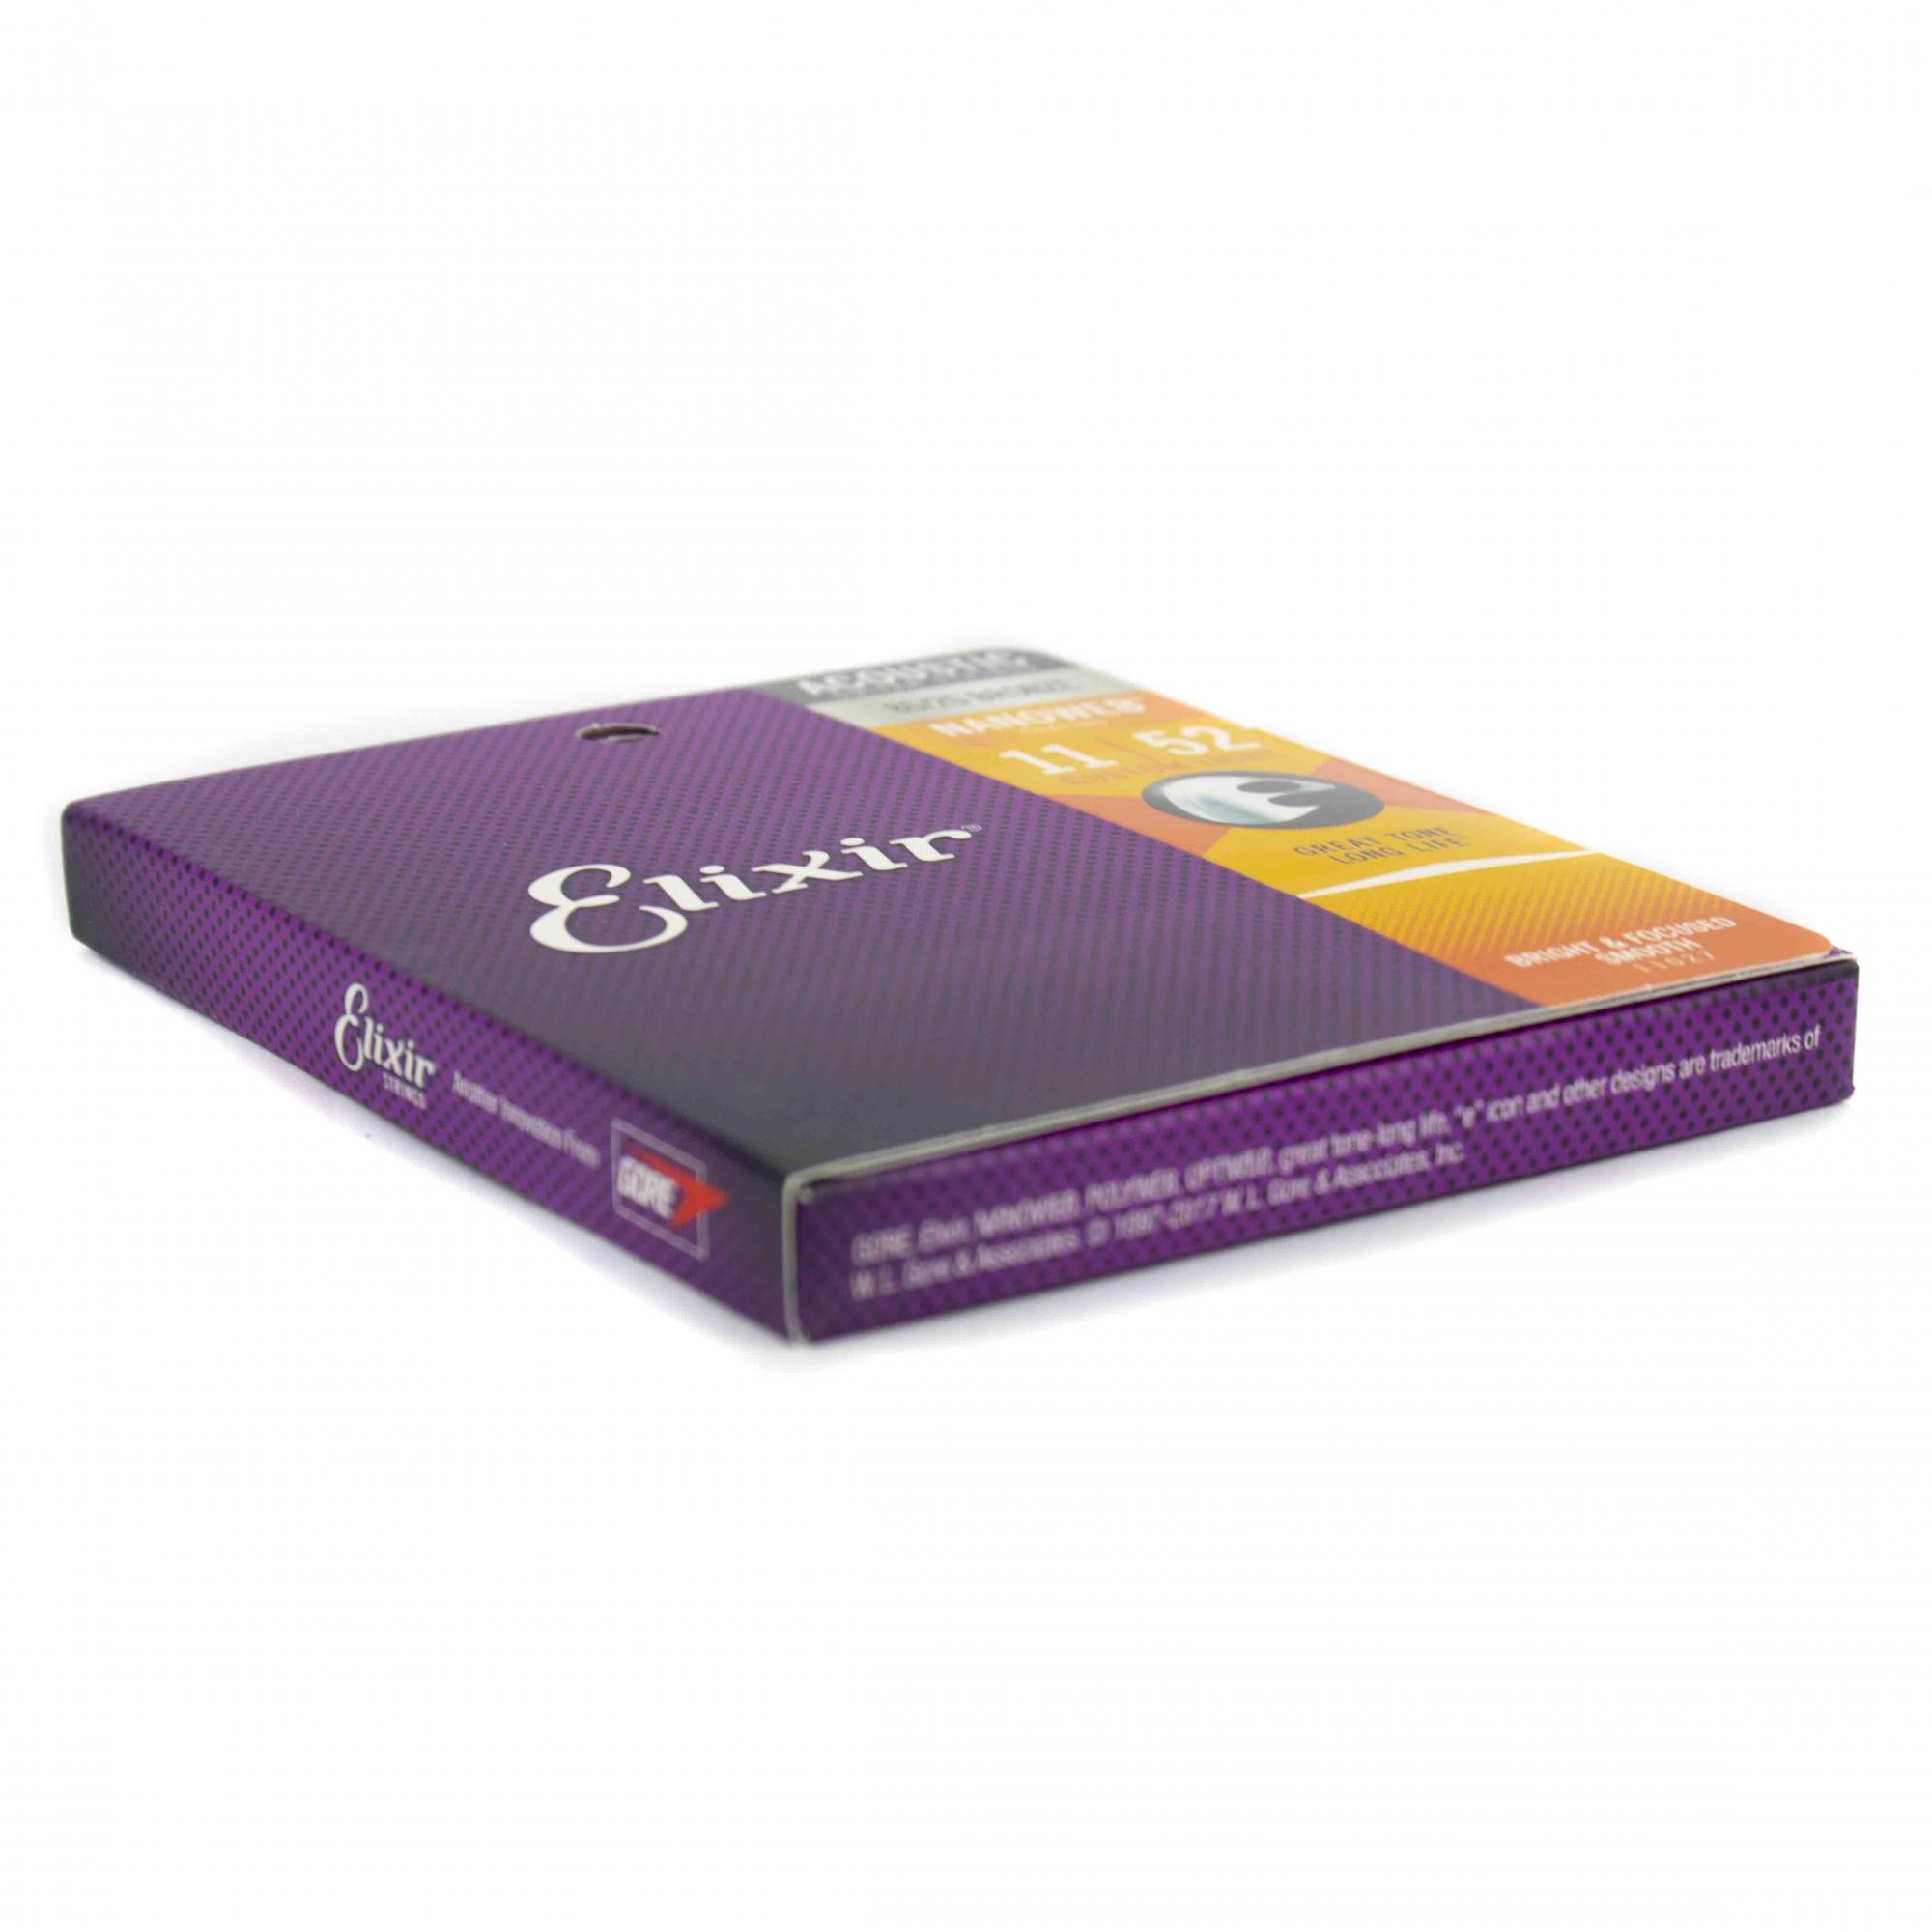 Encordoamento Violão Aço Elixir 011 Nanoweb 11027